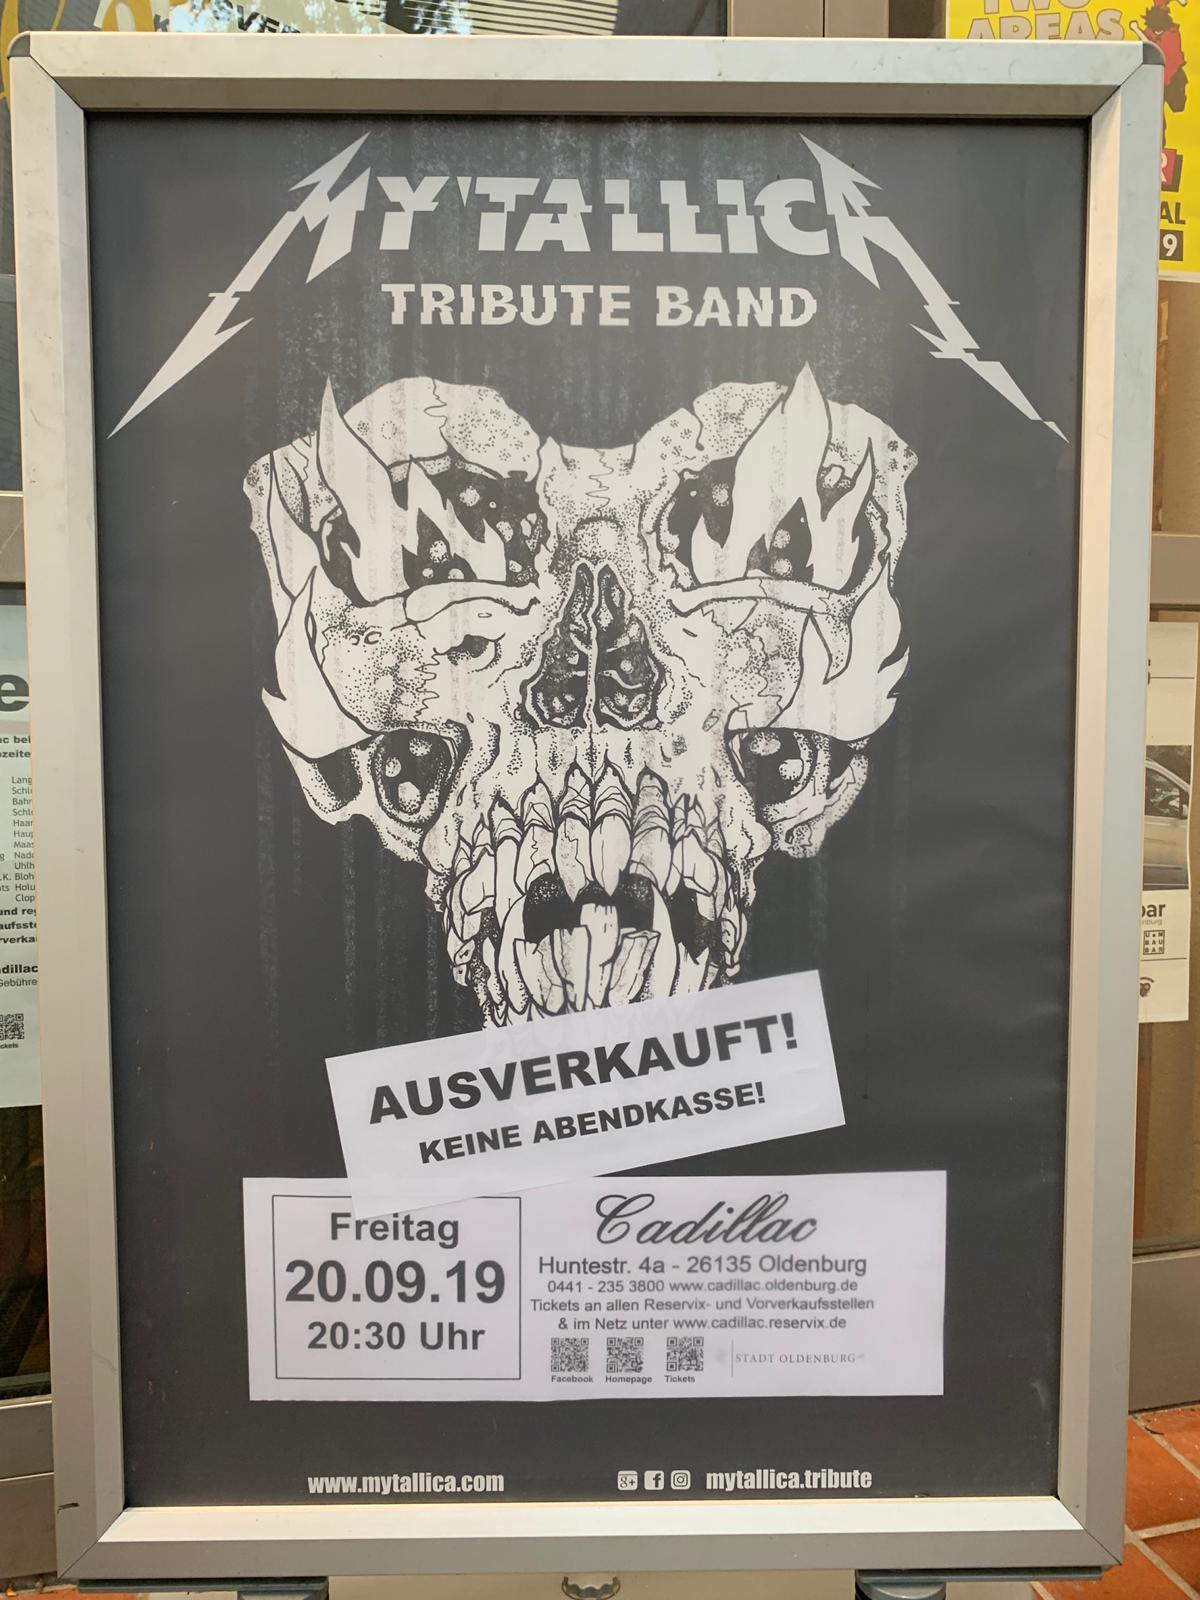 mytallica-cadillac-oldenburg-2019-ausverkauft-plakat